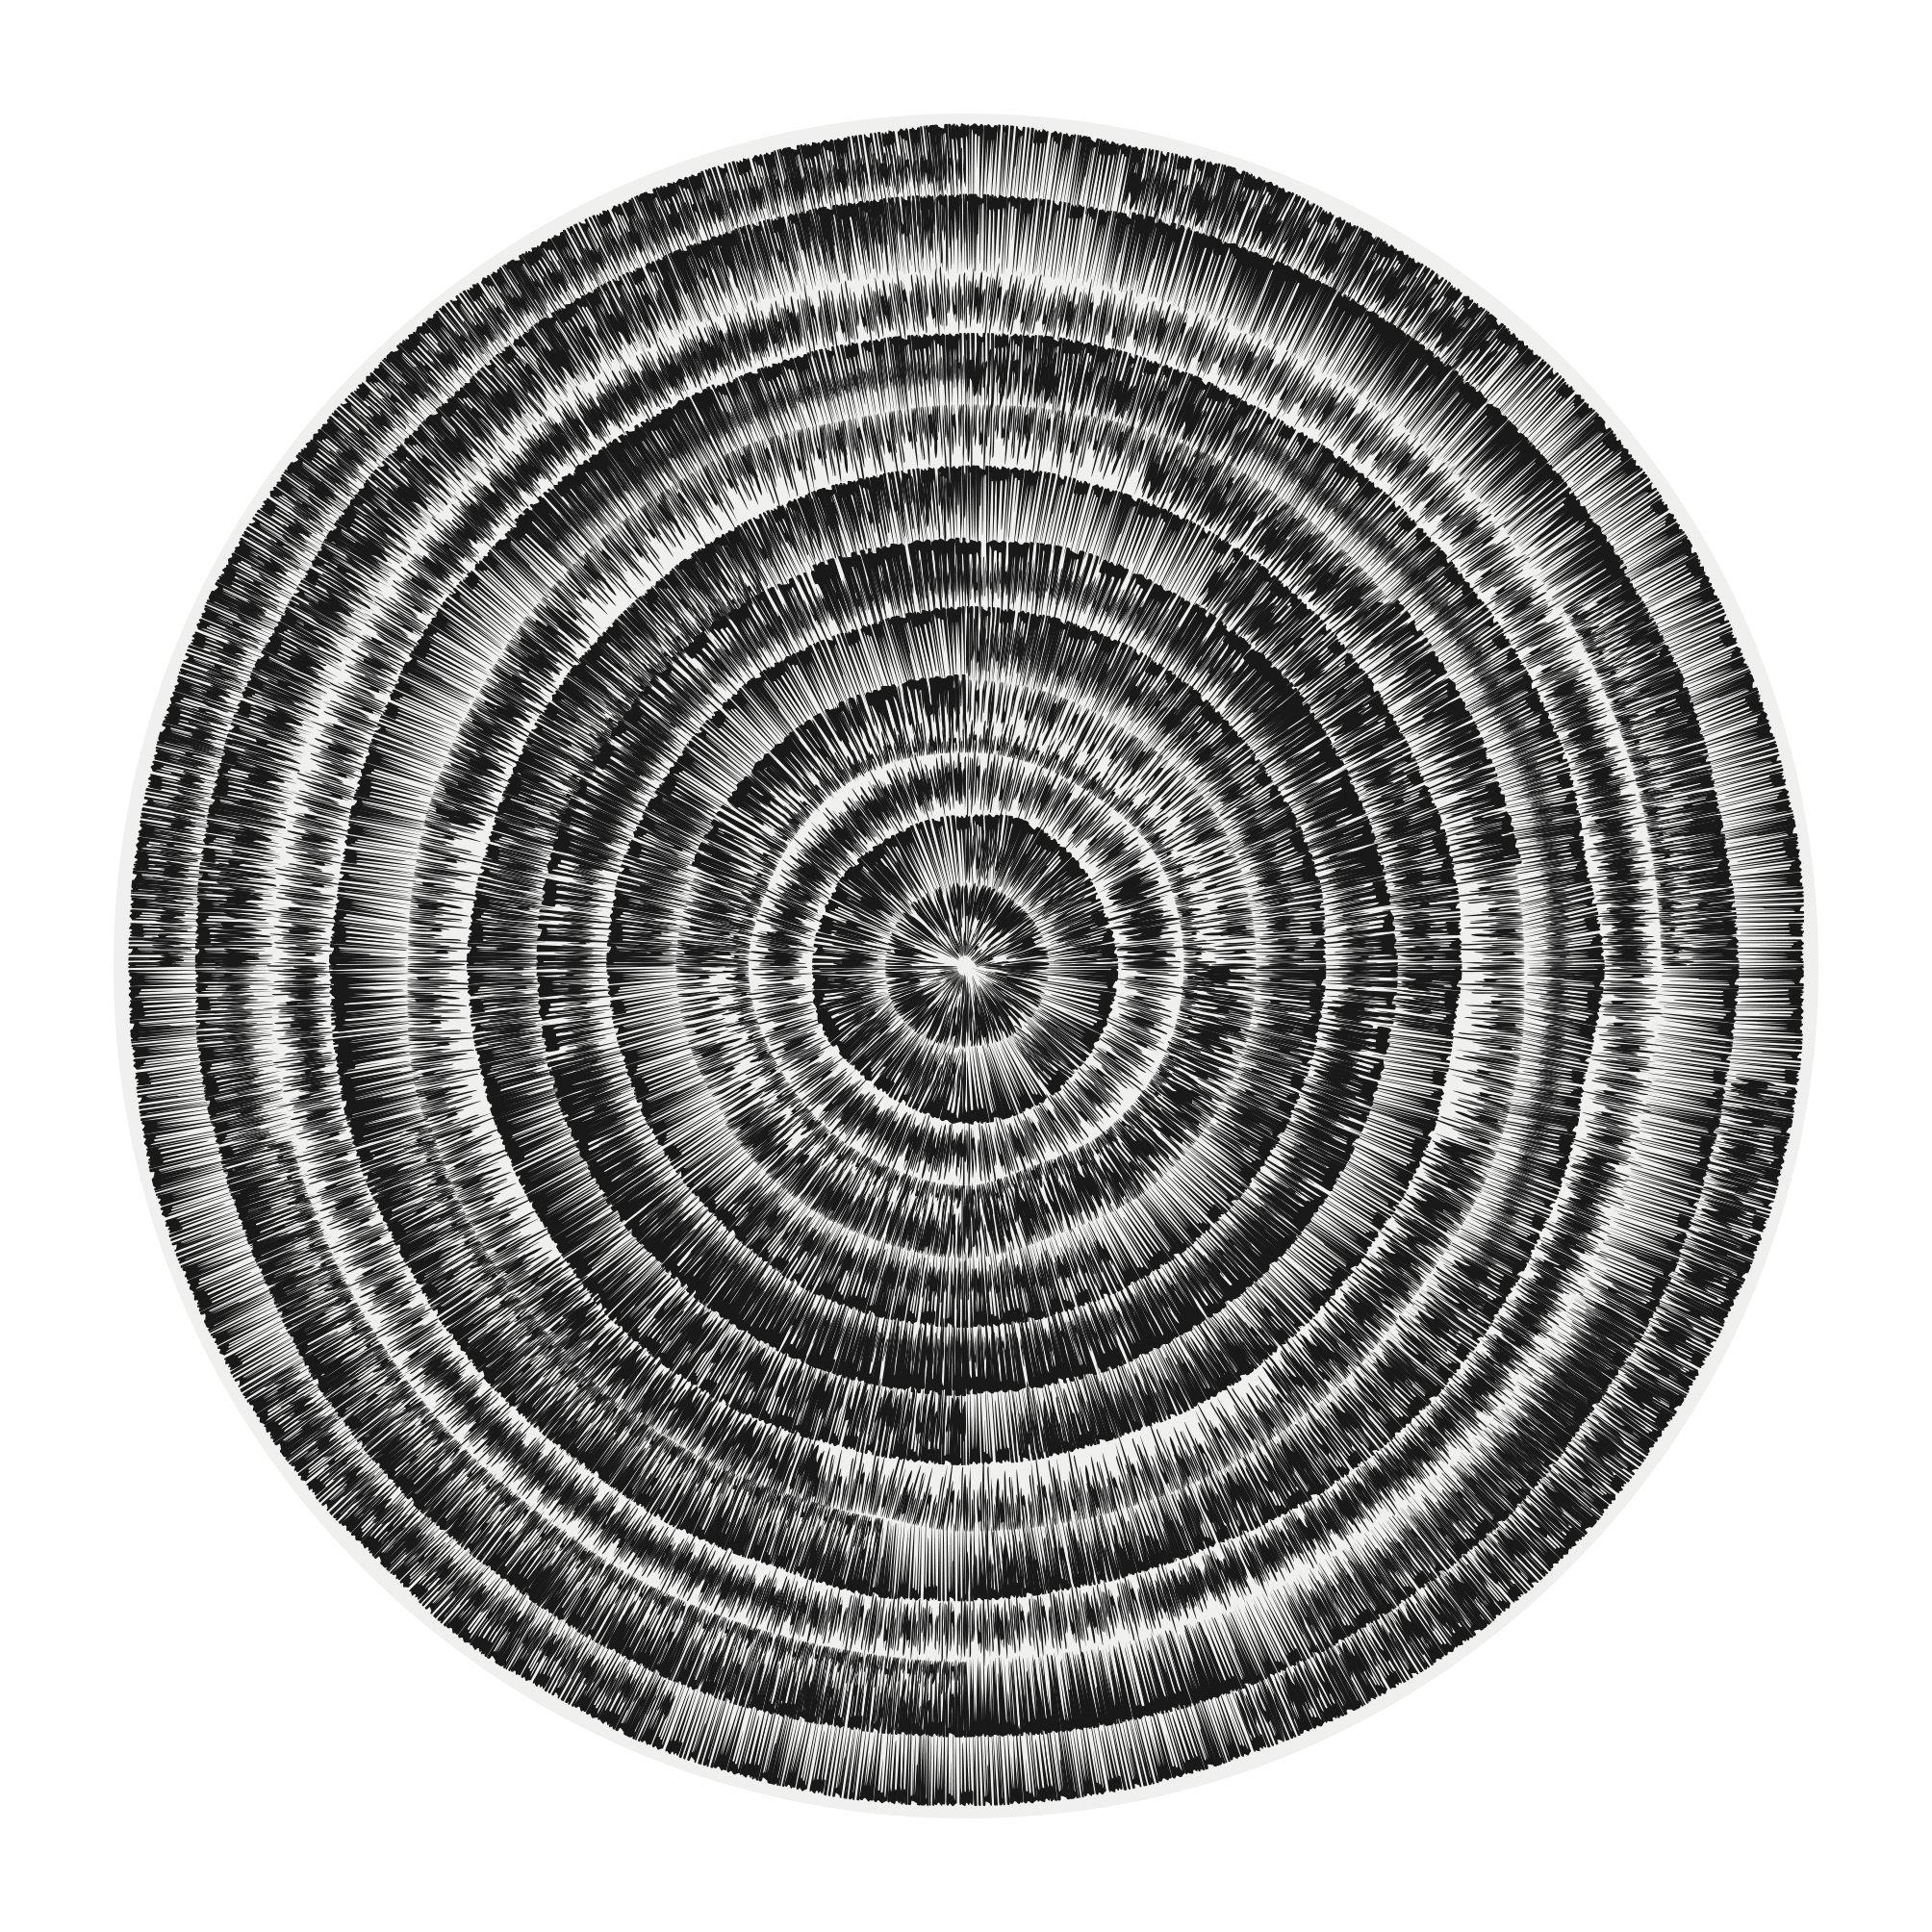 Déco - Tapis - Tapis Spirale / Ø 145 cm - Vinyle - PÔDEVACHE - Noir & gris - Vinyle